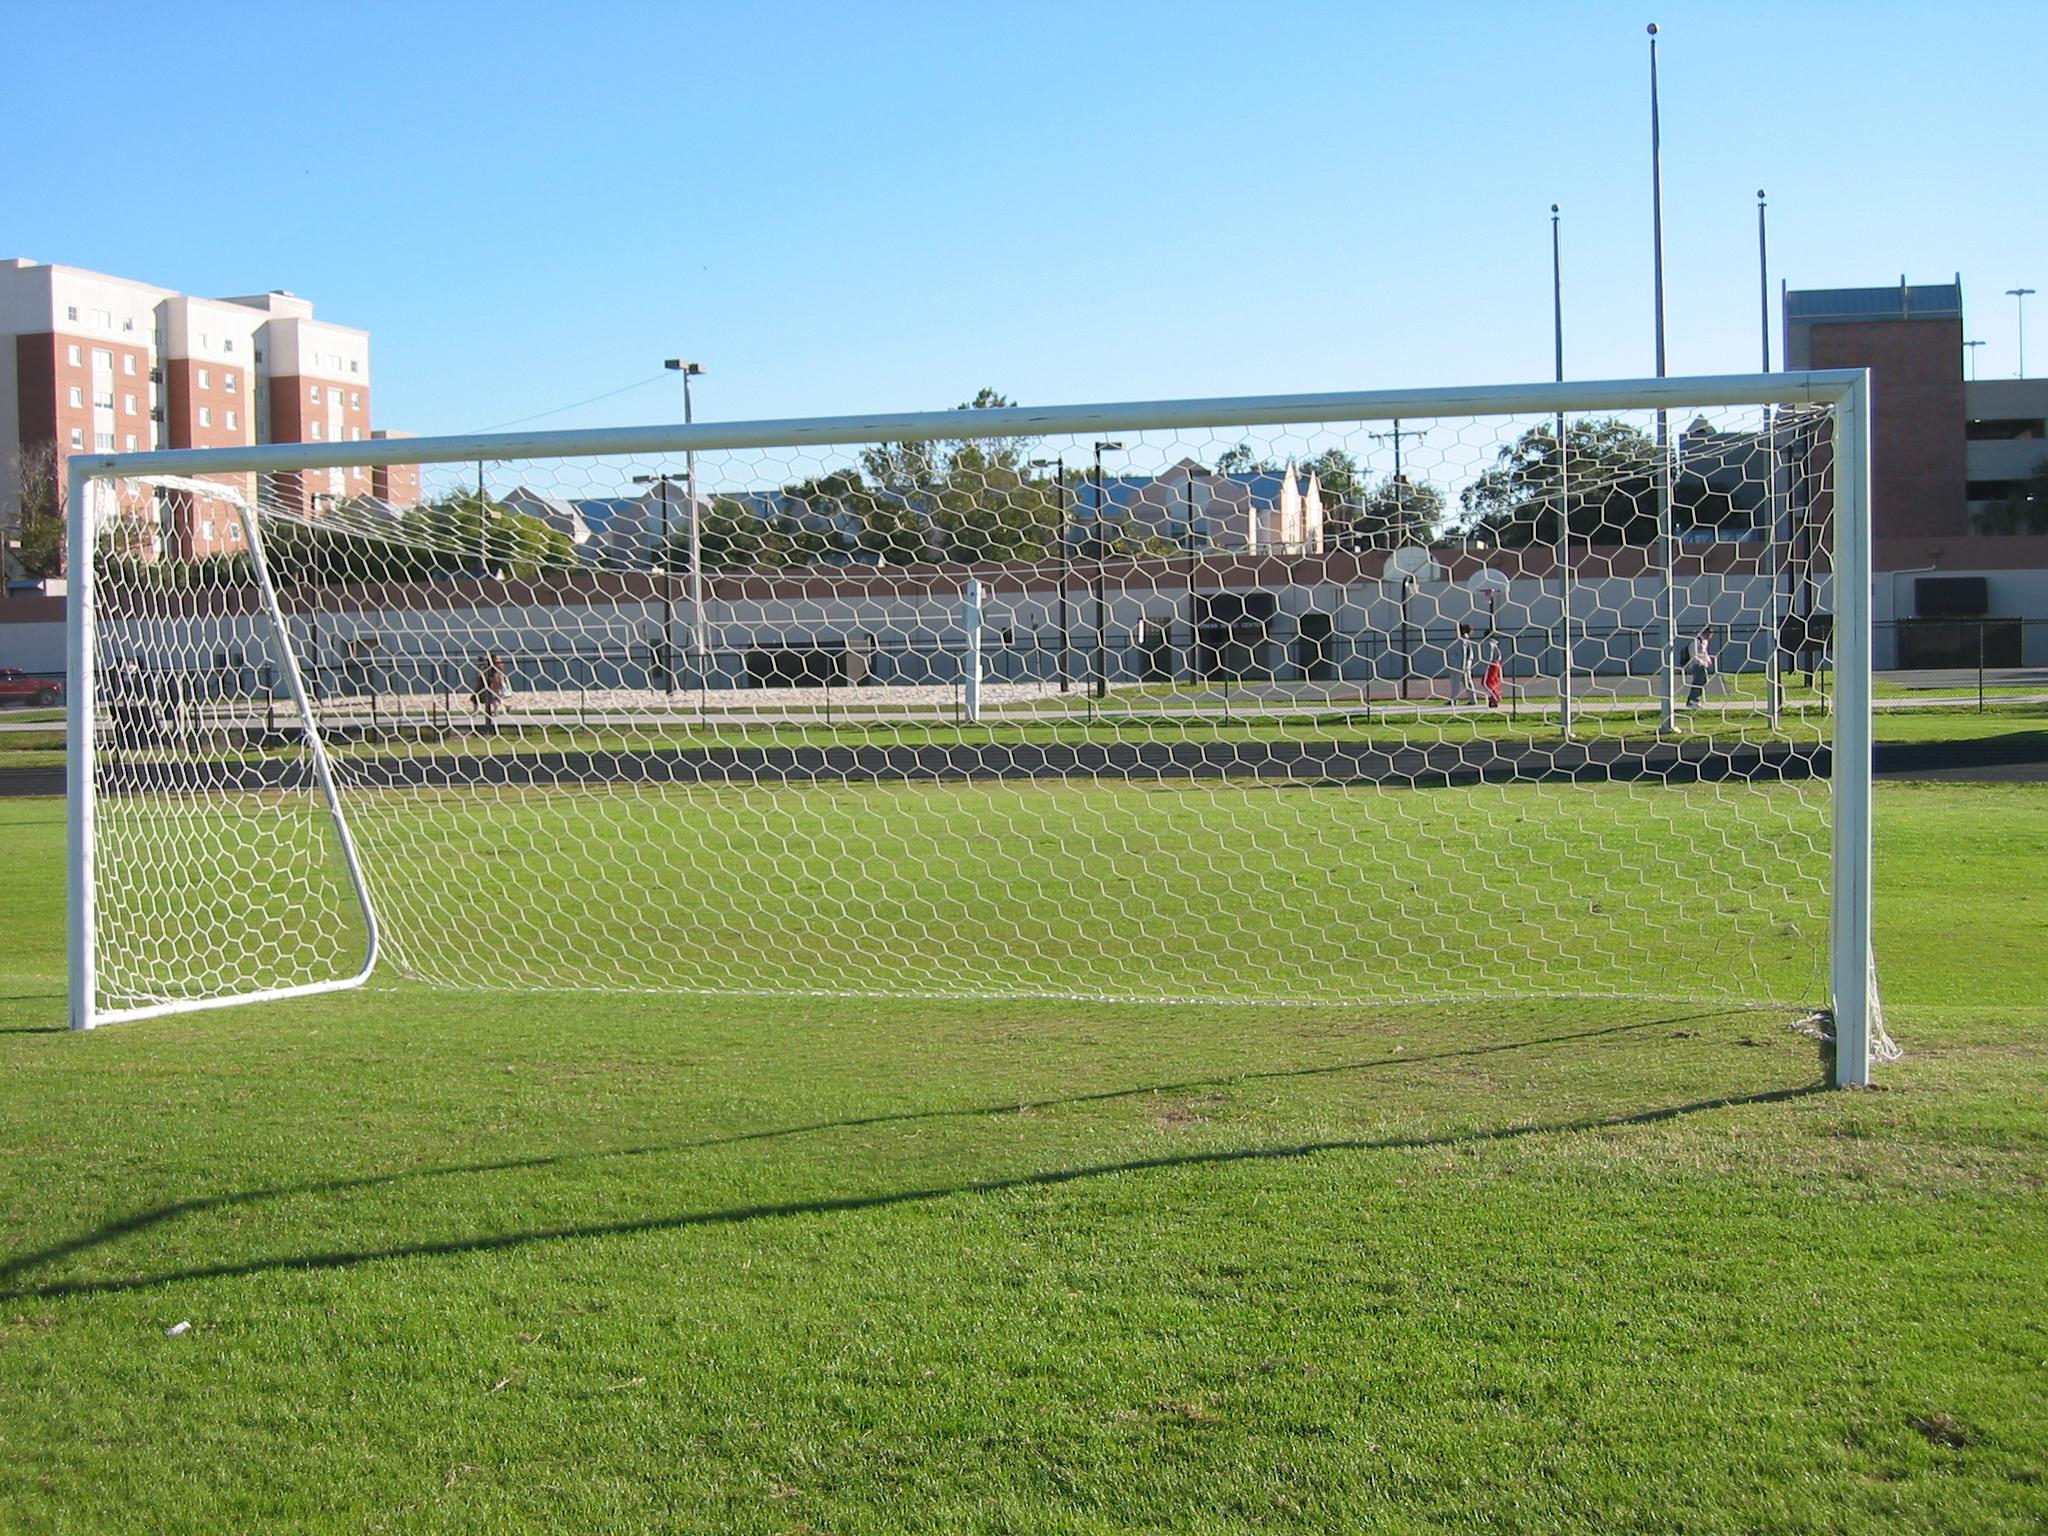 Cum outdoor soccer goal 10